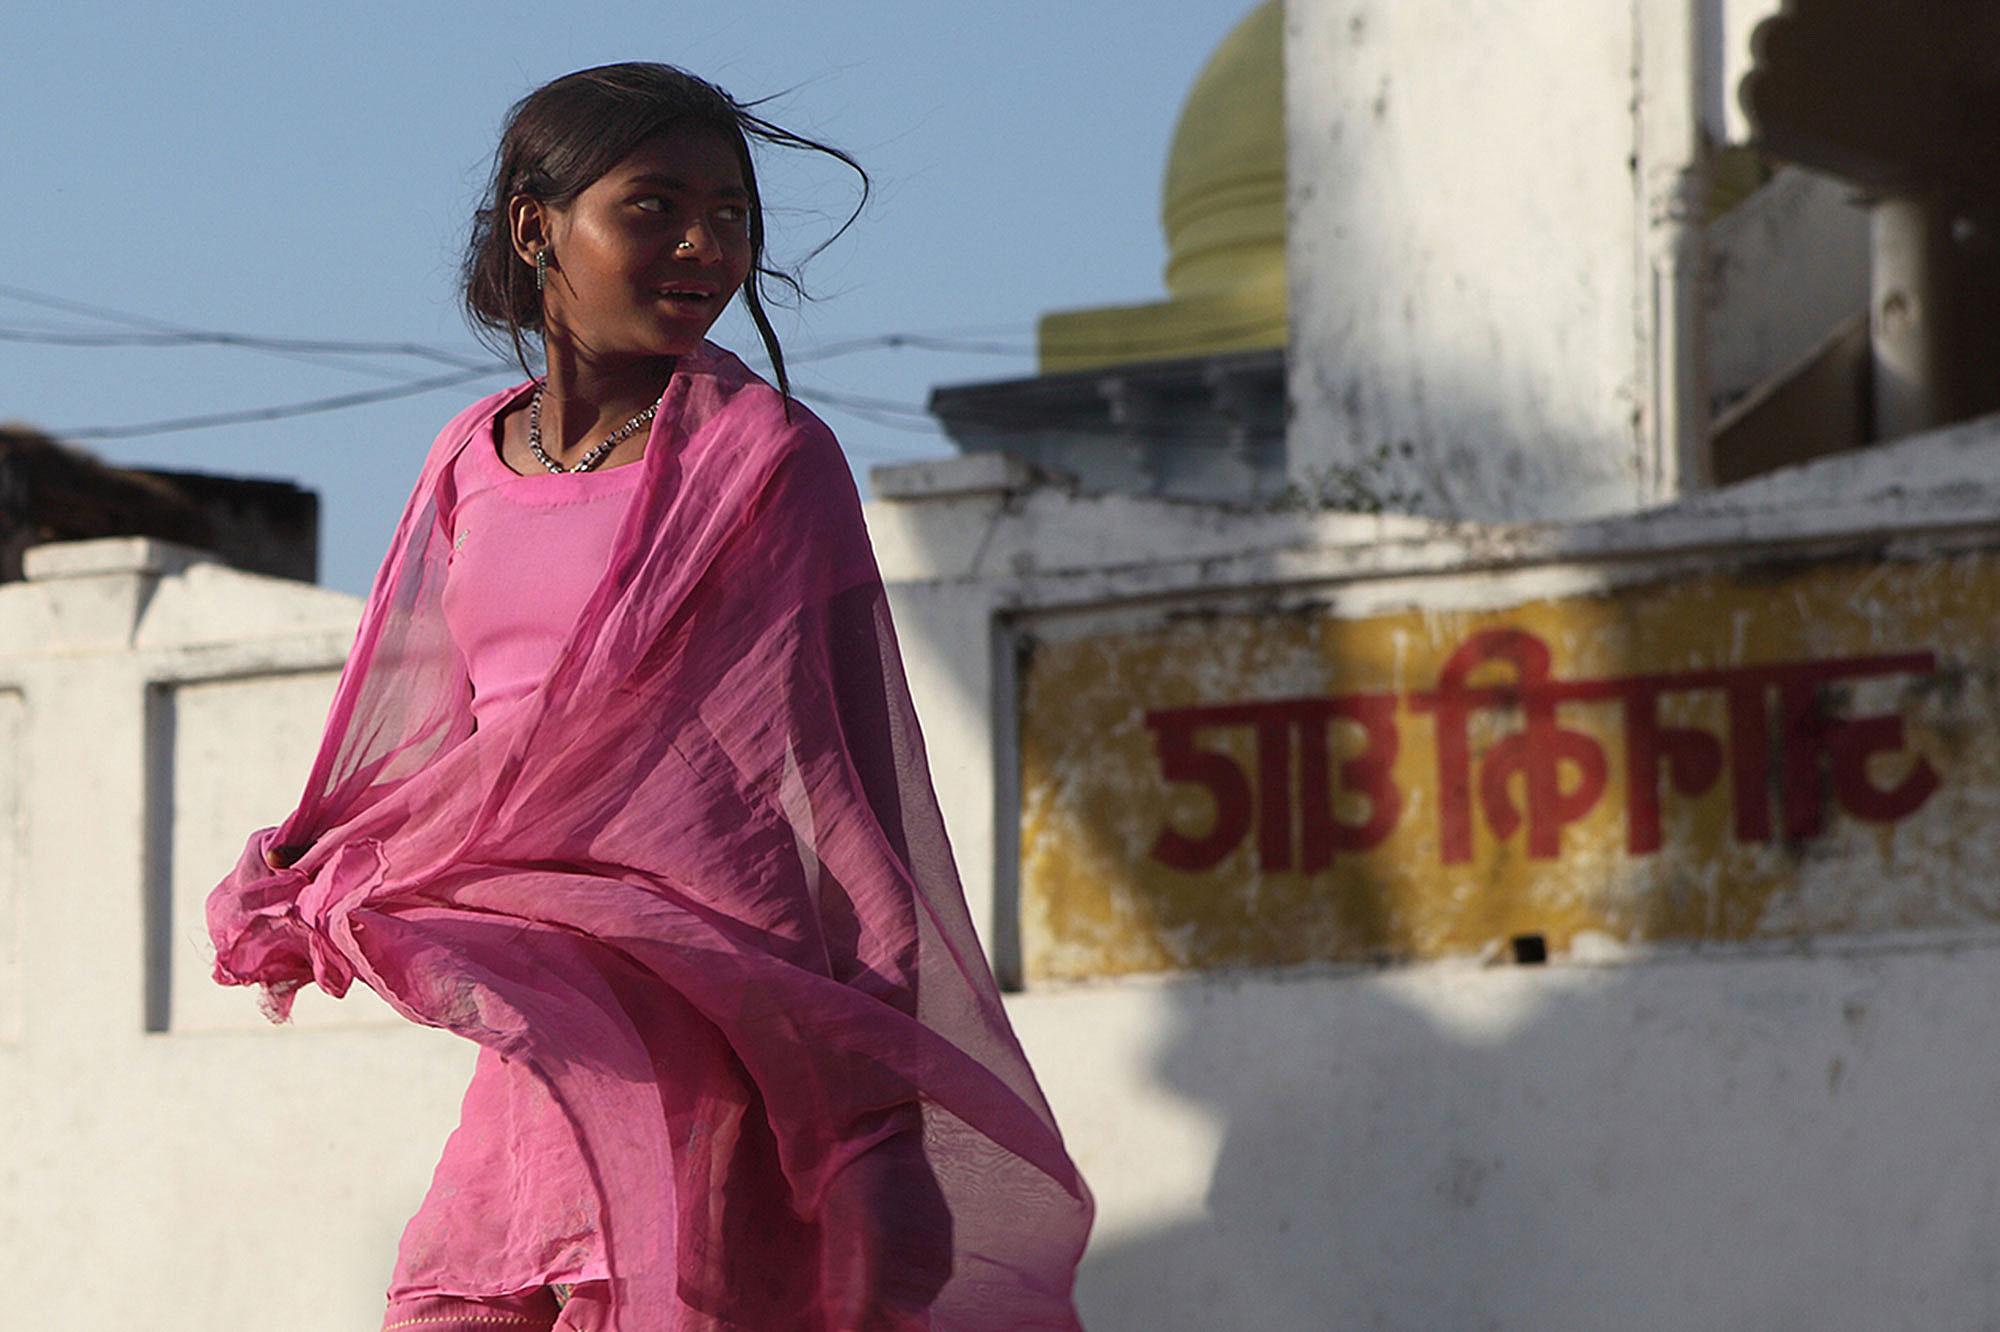 Fotograf Siering Kontakt — Indisches Mädchen